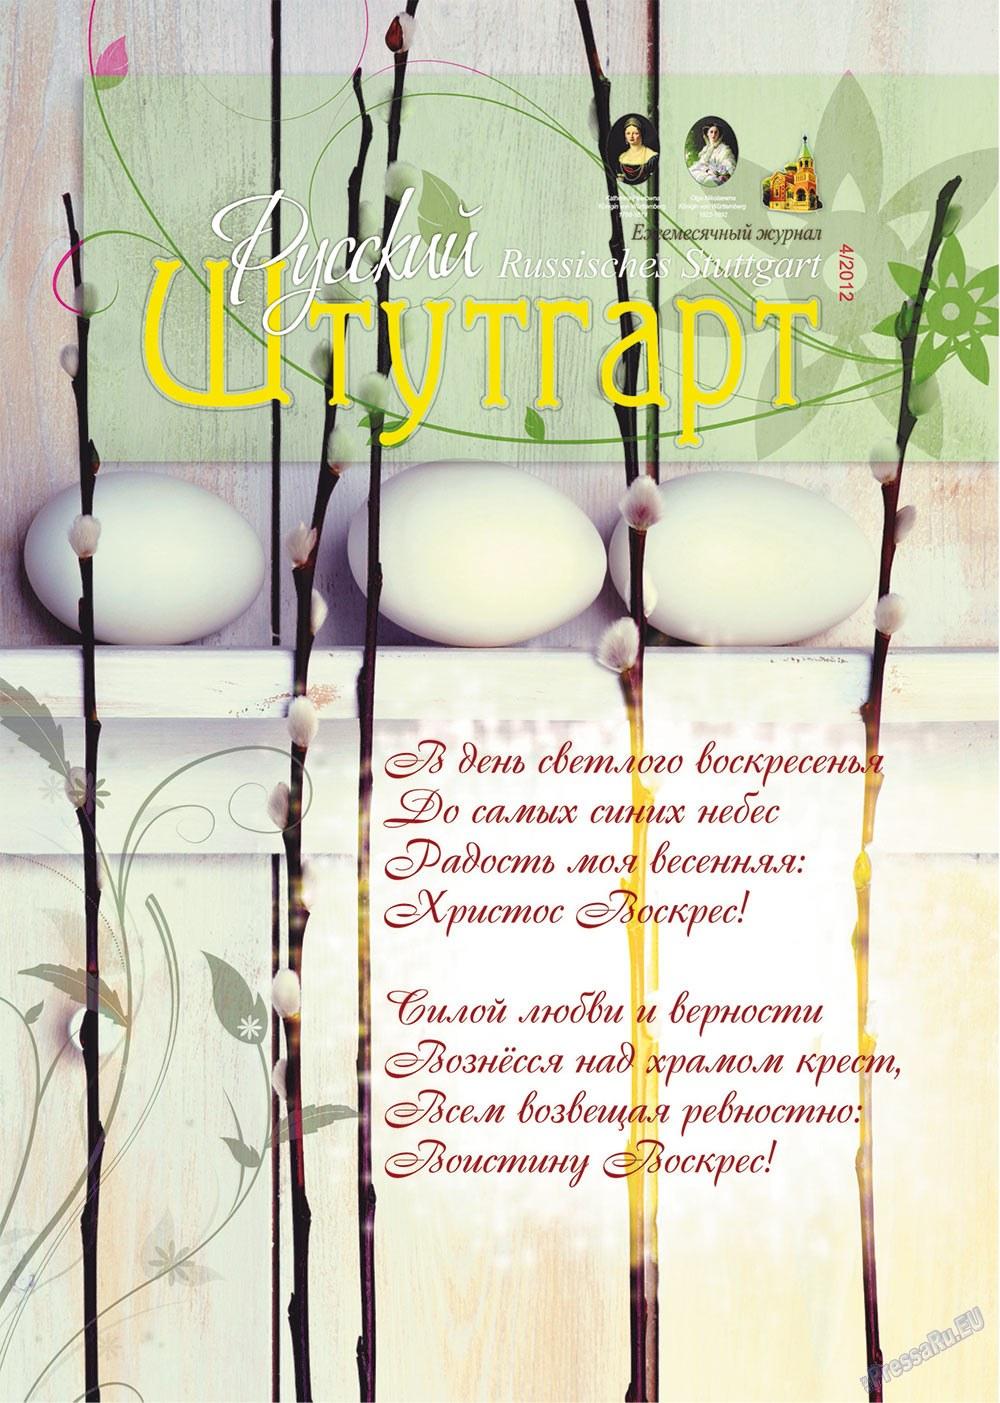 Русский Штутгарт (журнал). 2012 год, номер 17, стр. 1